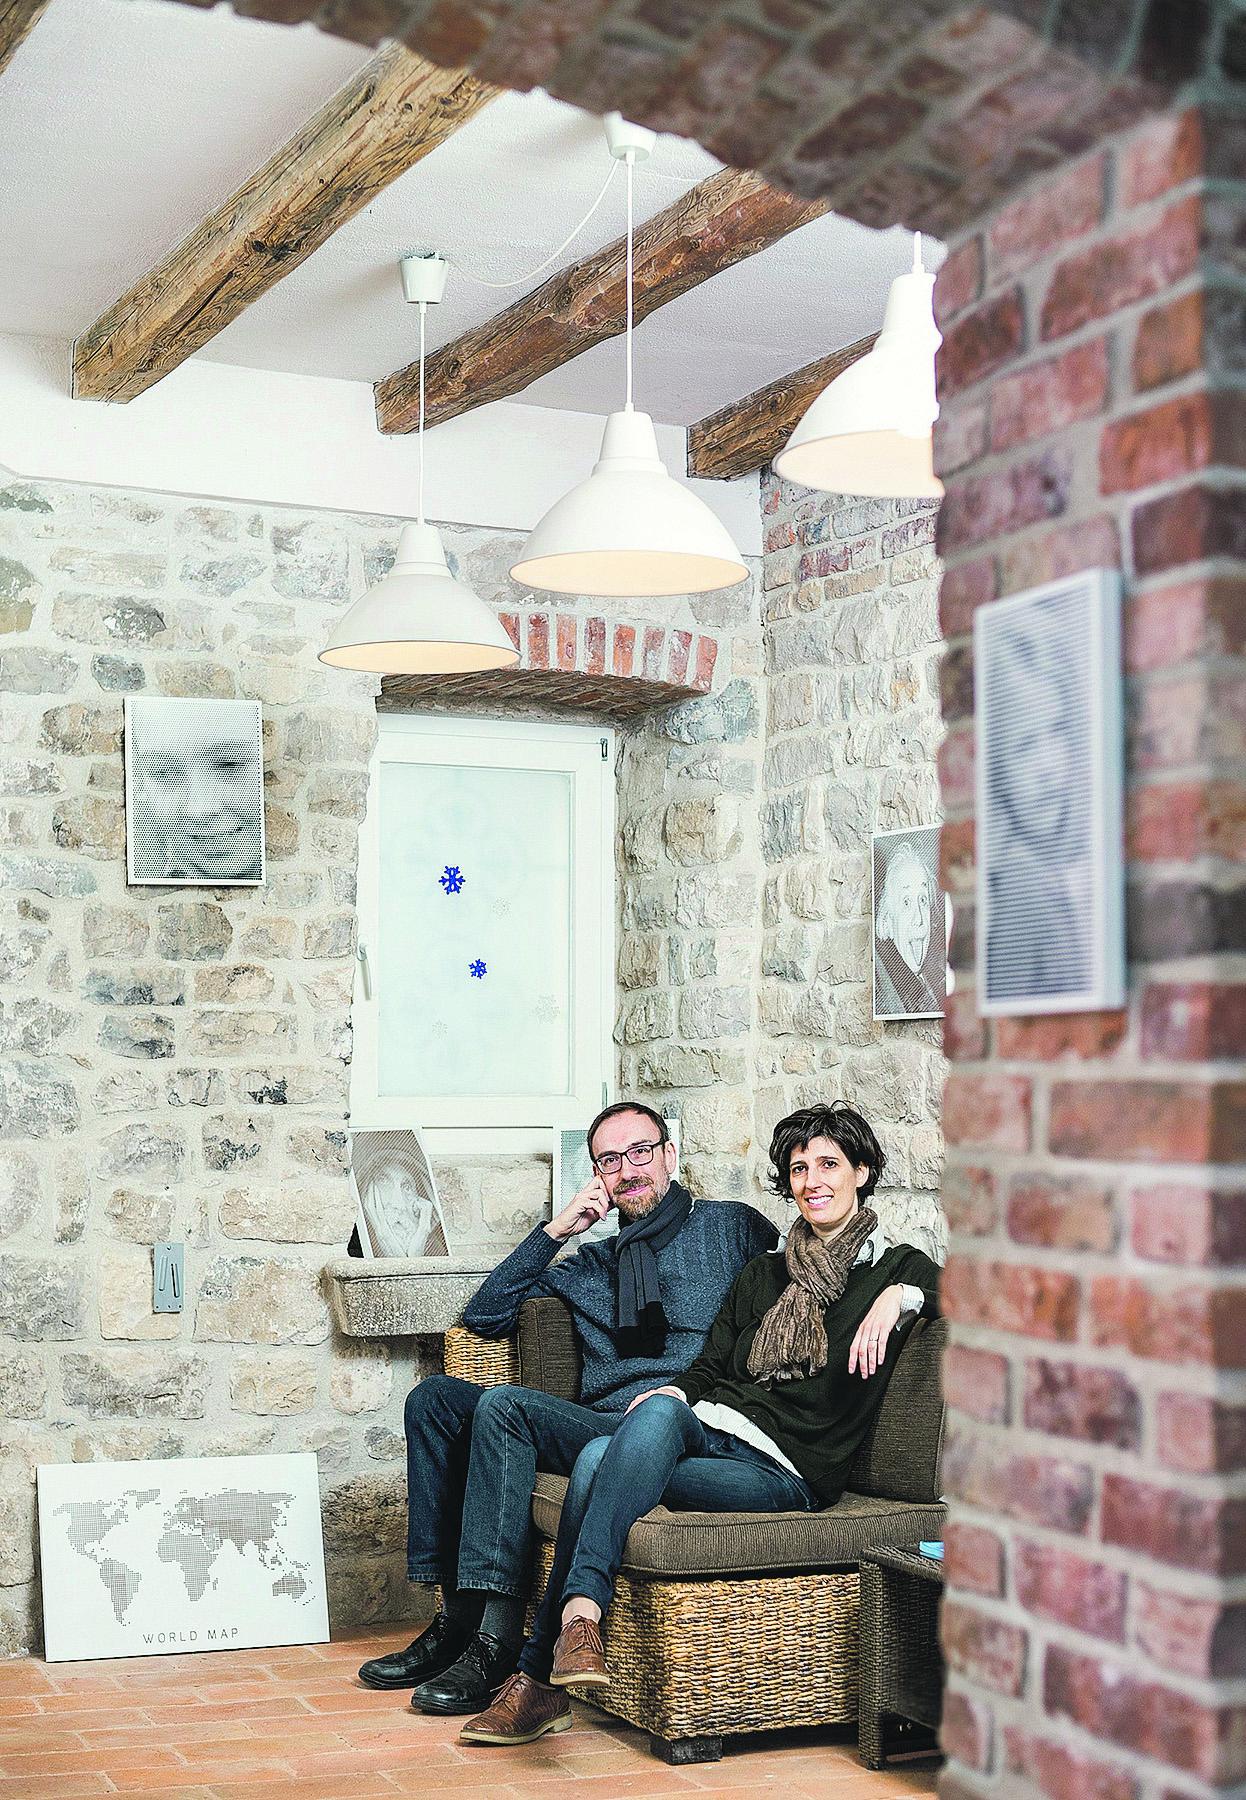 Solin, 061216. Gorjana Draskovic i Brando Zucco vlasnici su tvrtke Studio Minimo, te se bave graviranjem slika na drvu. Foto: Ante Cizmic / CROPIX